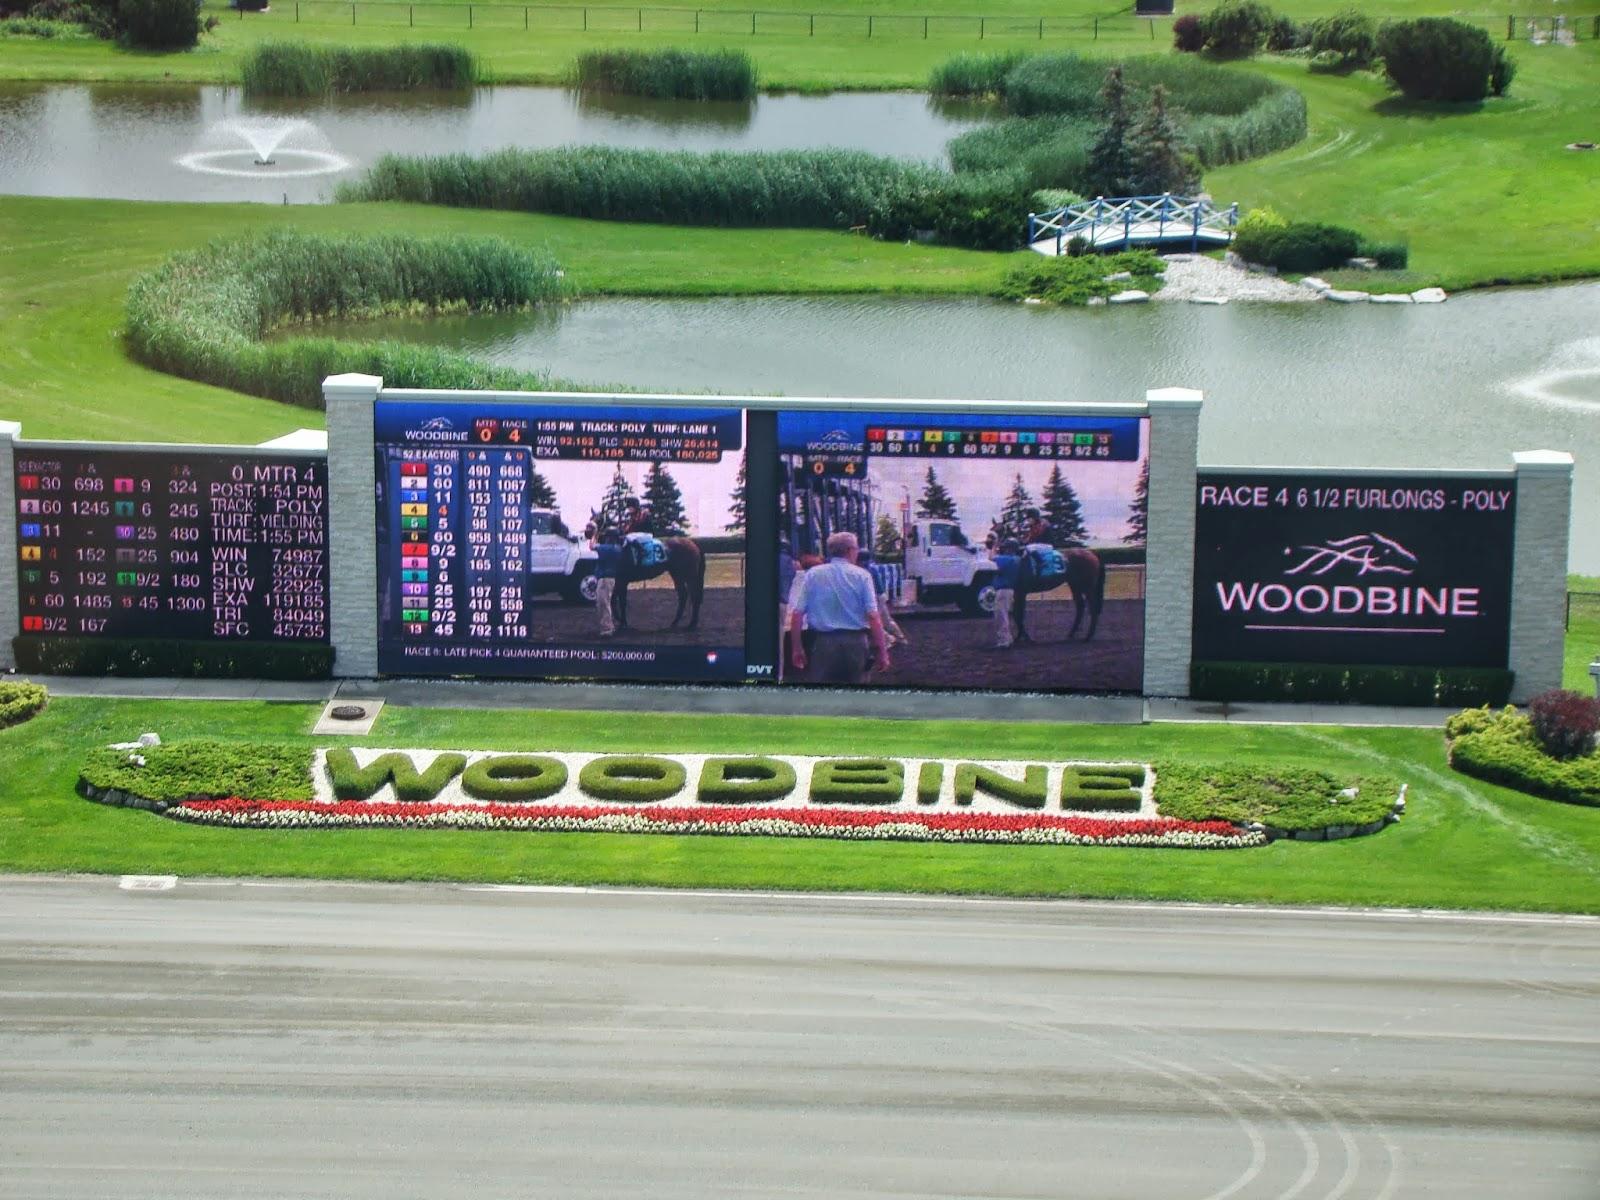 Woodbine racetrack wedding